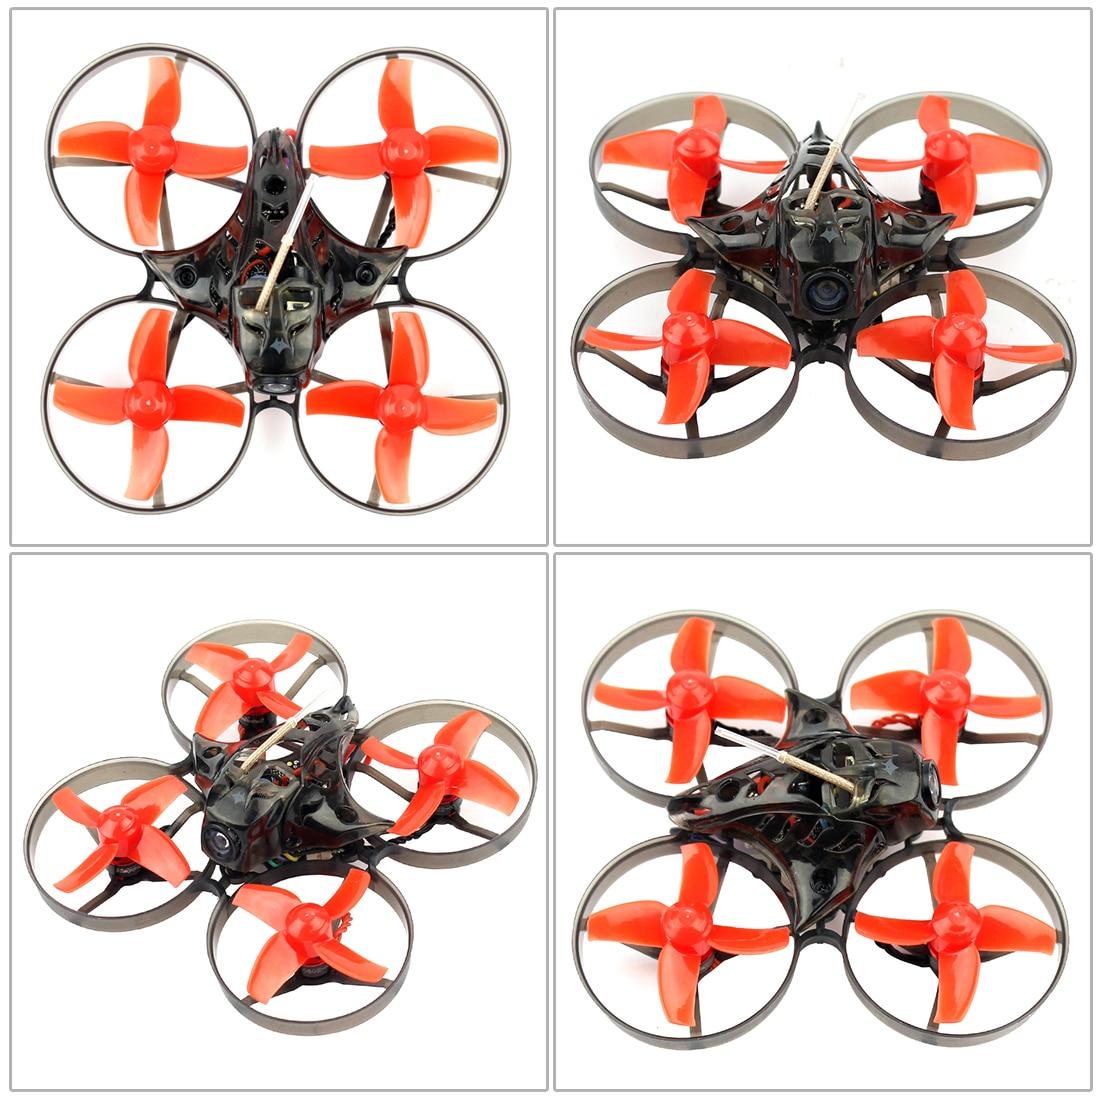 Drone de course Mobula 7 75mm crazy ybee F3 Pro OSD 2 S BWhoop FPV avec caméra 700TVL BNF avec hélice supplémentaire de 10 paires